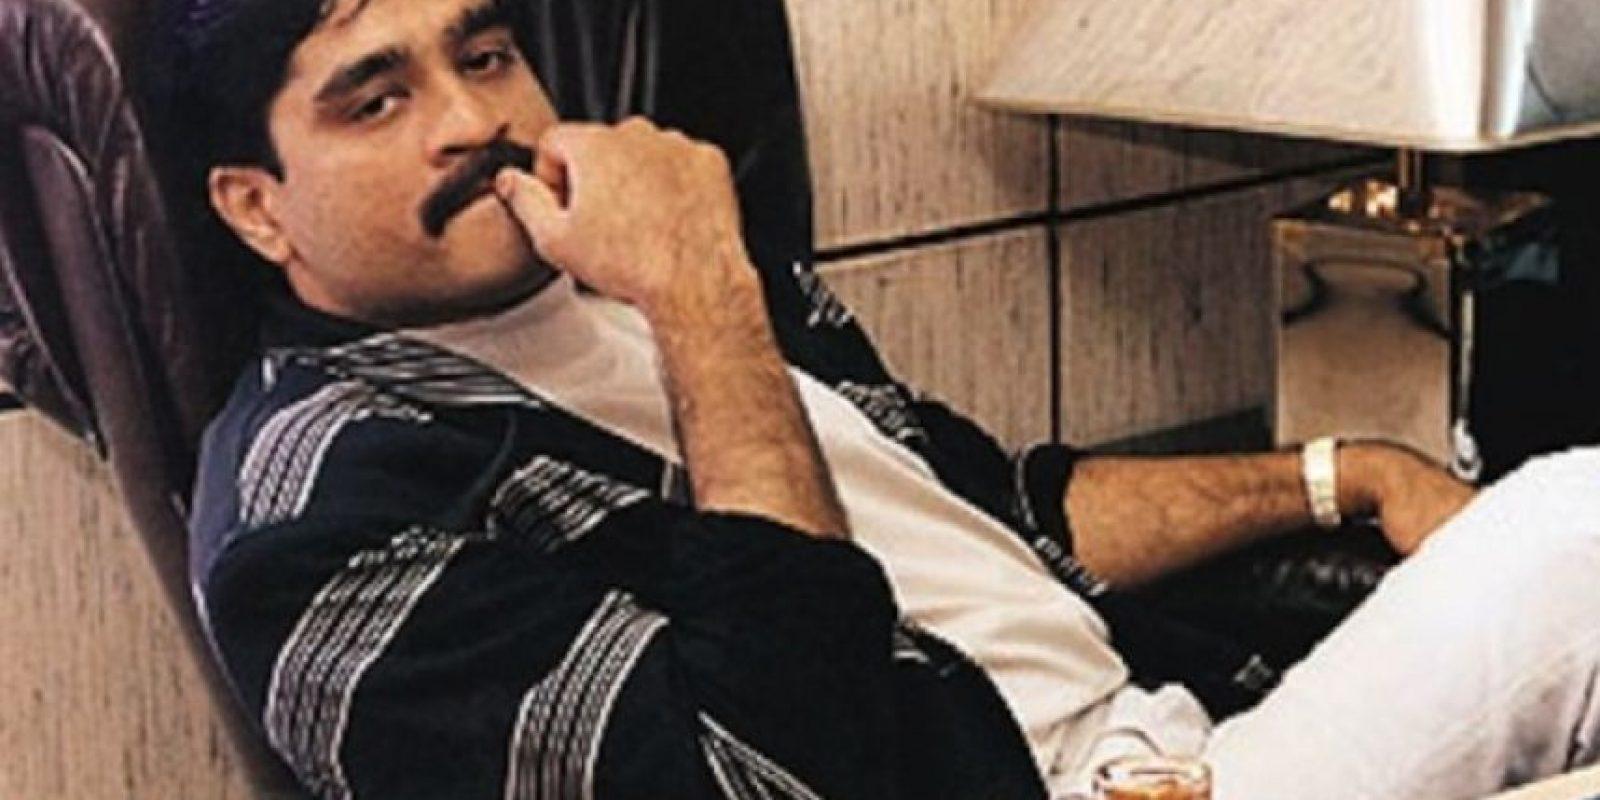 Haji Ehai Ibrahim. Al originario de Pakistán se le busca por el intento de distribuir heroína y sustancias controladas. Fue matado en 2013 Foto:DEA.gov